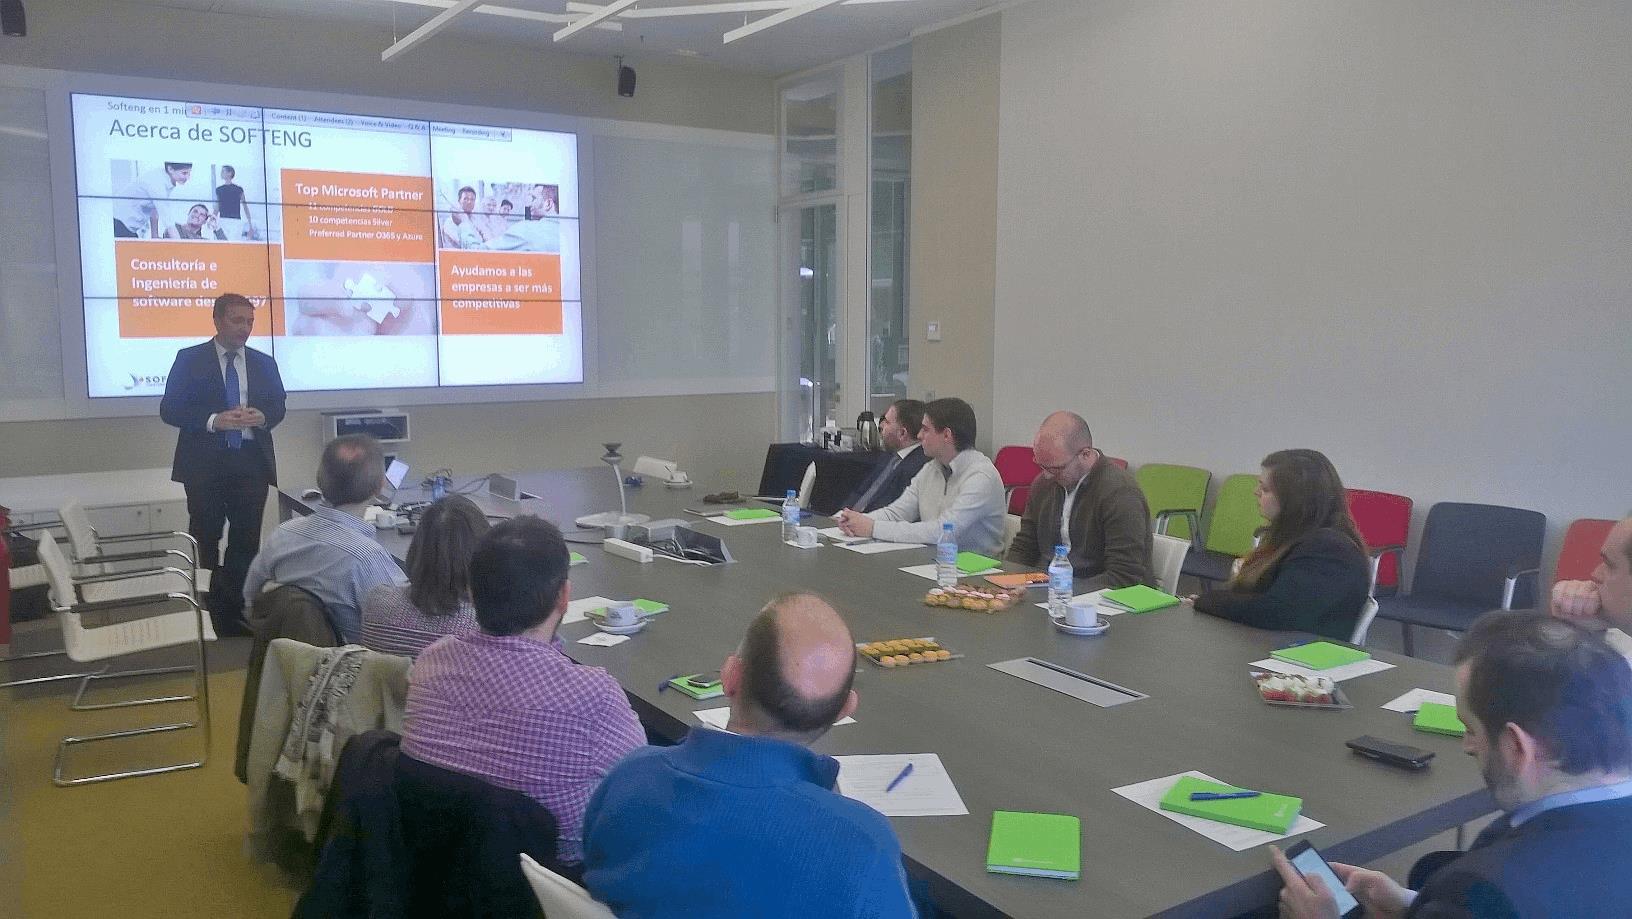 Softeng y Zepellin presentan la web de Gran Hermano en las oficinas de Microsoft